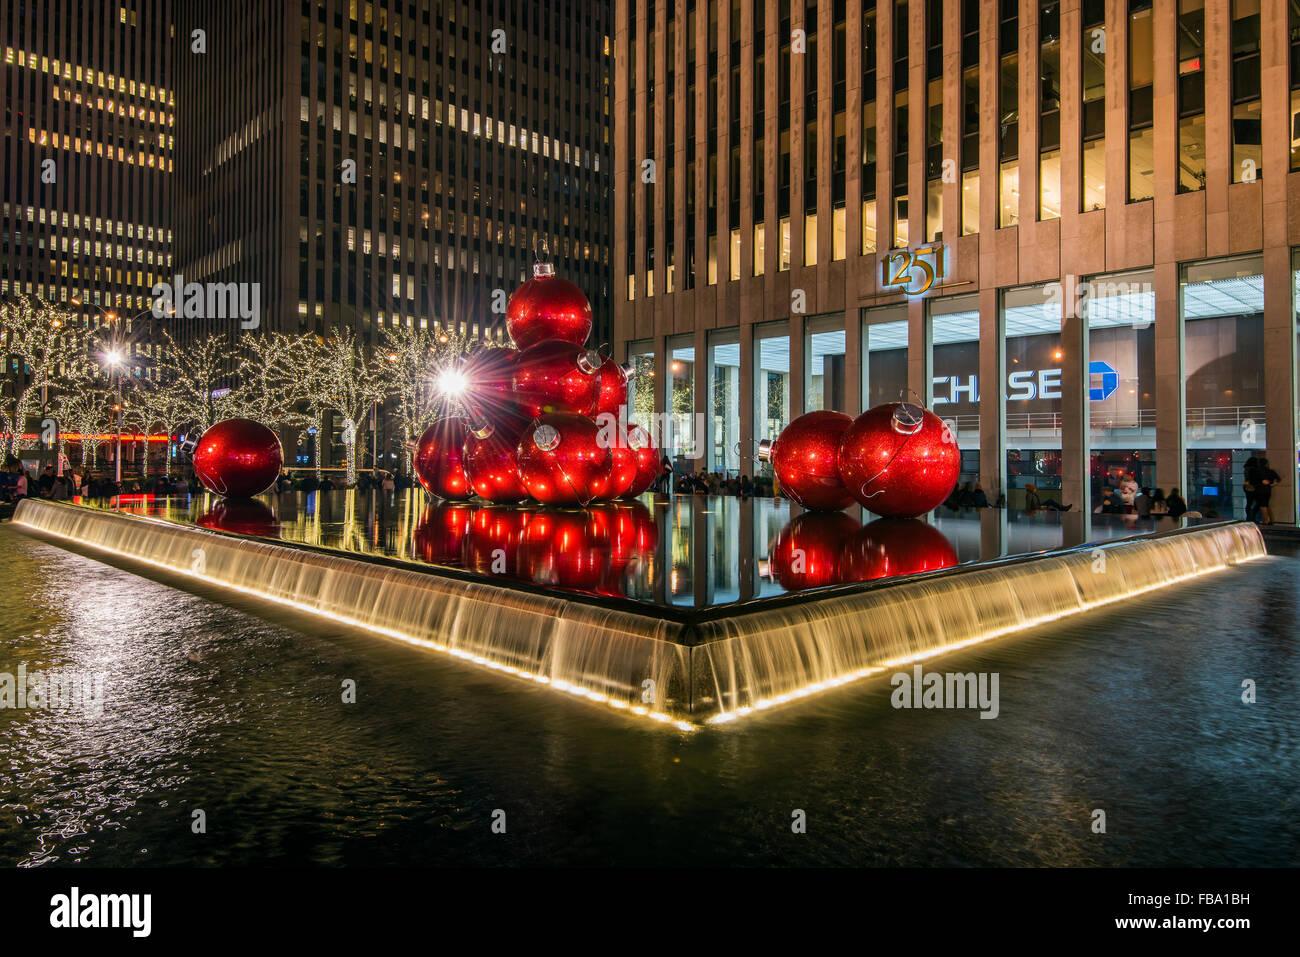 Rossa gigante Ornamenti natale sul display sul Viale delle Americhe (6th Avenue) durante la stagione delle vacanze, Manhattan, New York, Stati Uniti d'America Foto Stock